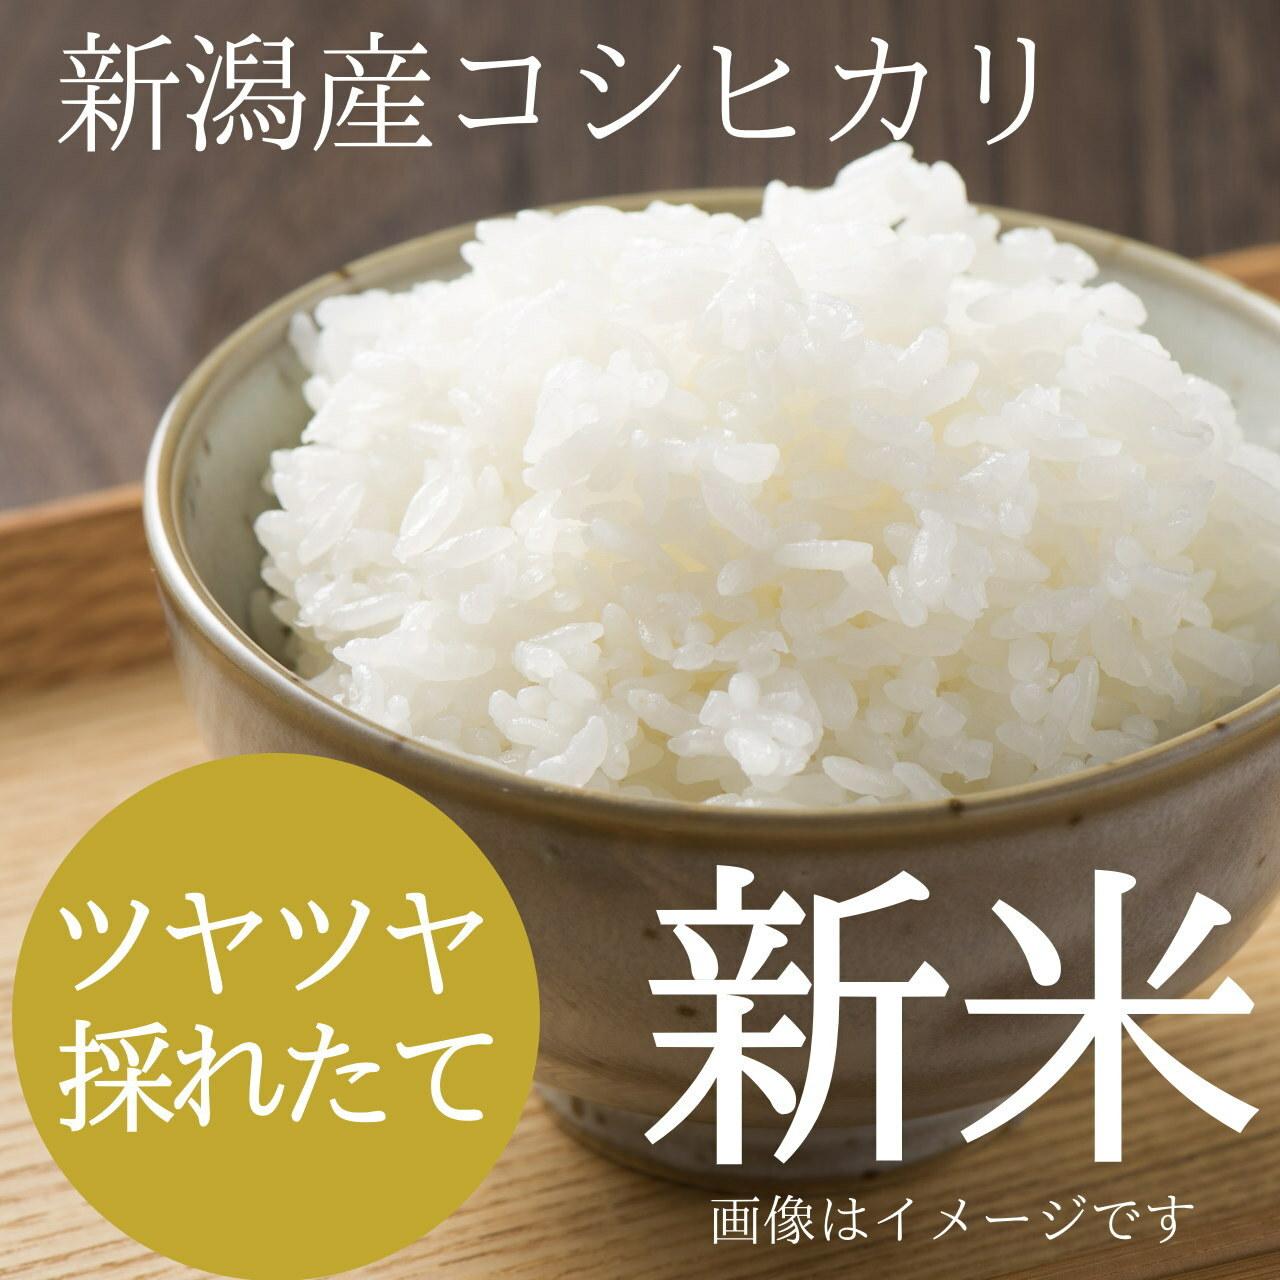 【玄米 通販】 5kg (キロ) 新潟産コシヒカリ 美味しい玄米 新米 新潟米 阿賀野市 夢ファームくまい